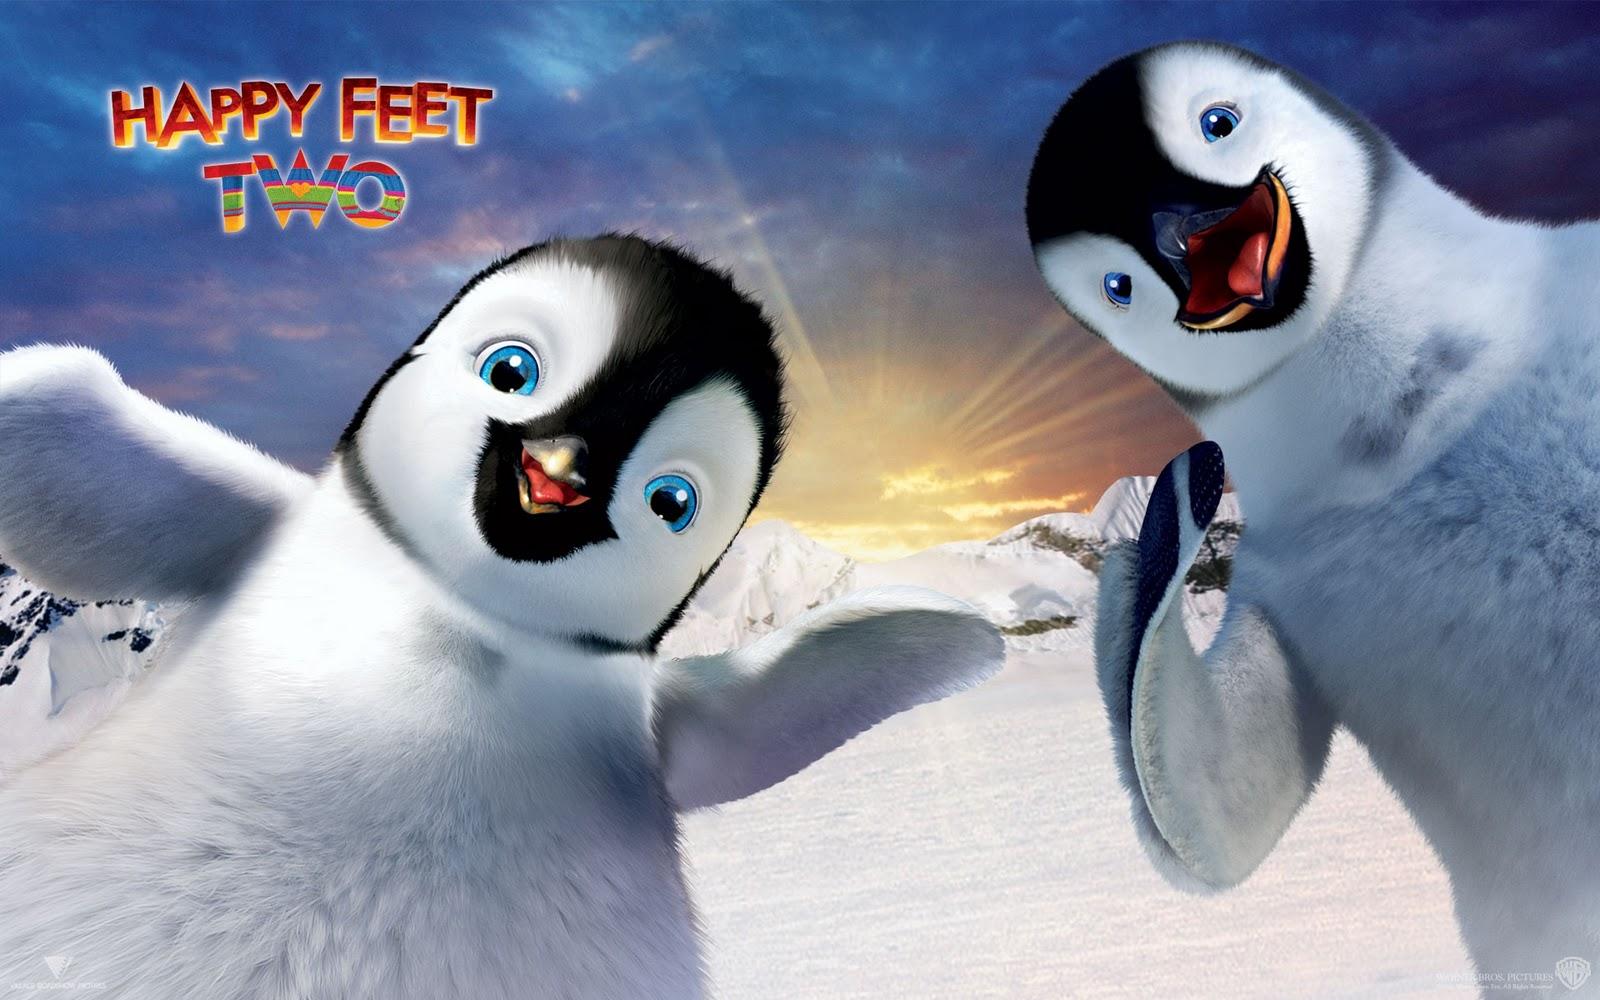 http://1.bp.blogspot.com/-IJUv6RUmKQs/TxGLEX3_2vI/AAAAAAAAATQ/89zU3SQzUTU/s1600/Happ_Feet_Two_Cute_Little_Penguins_HD_Wallpaper.jpg